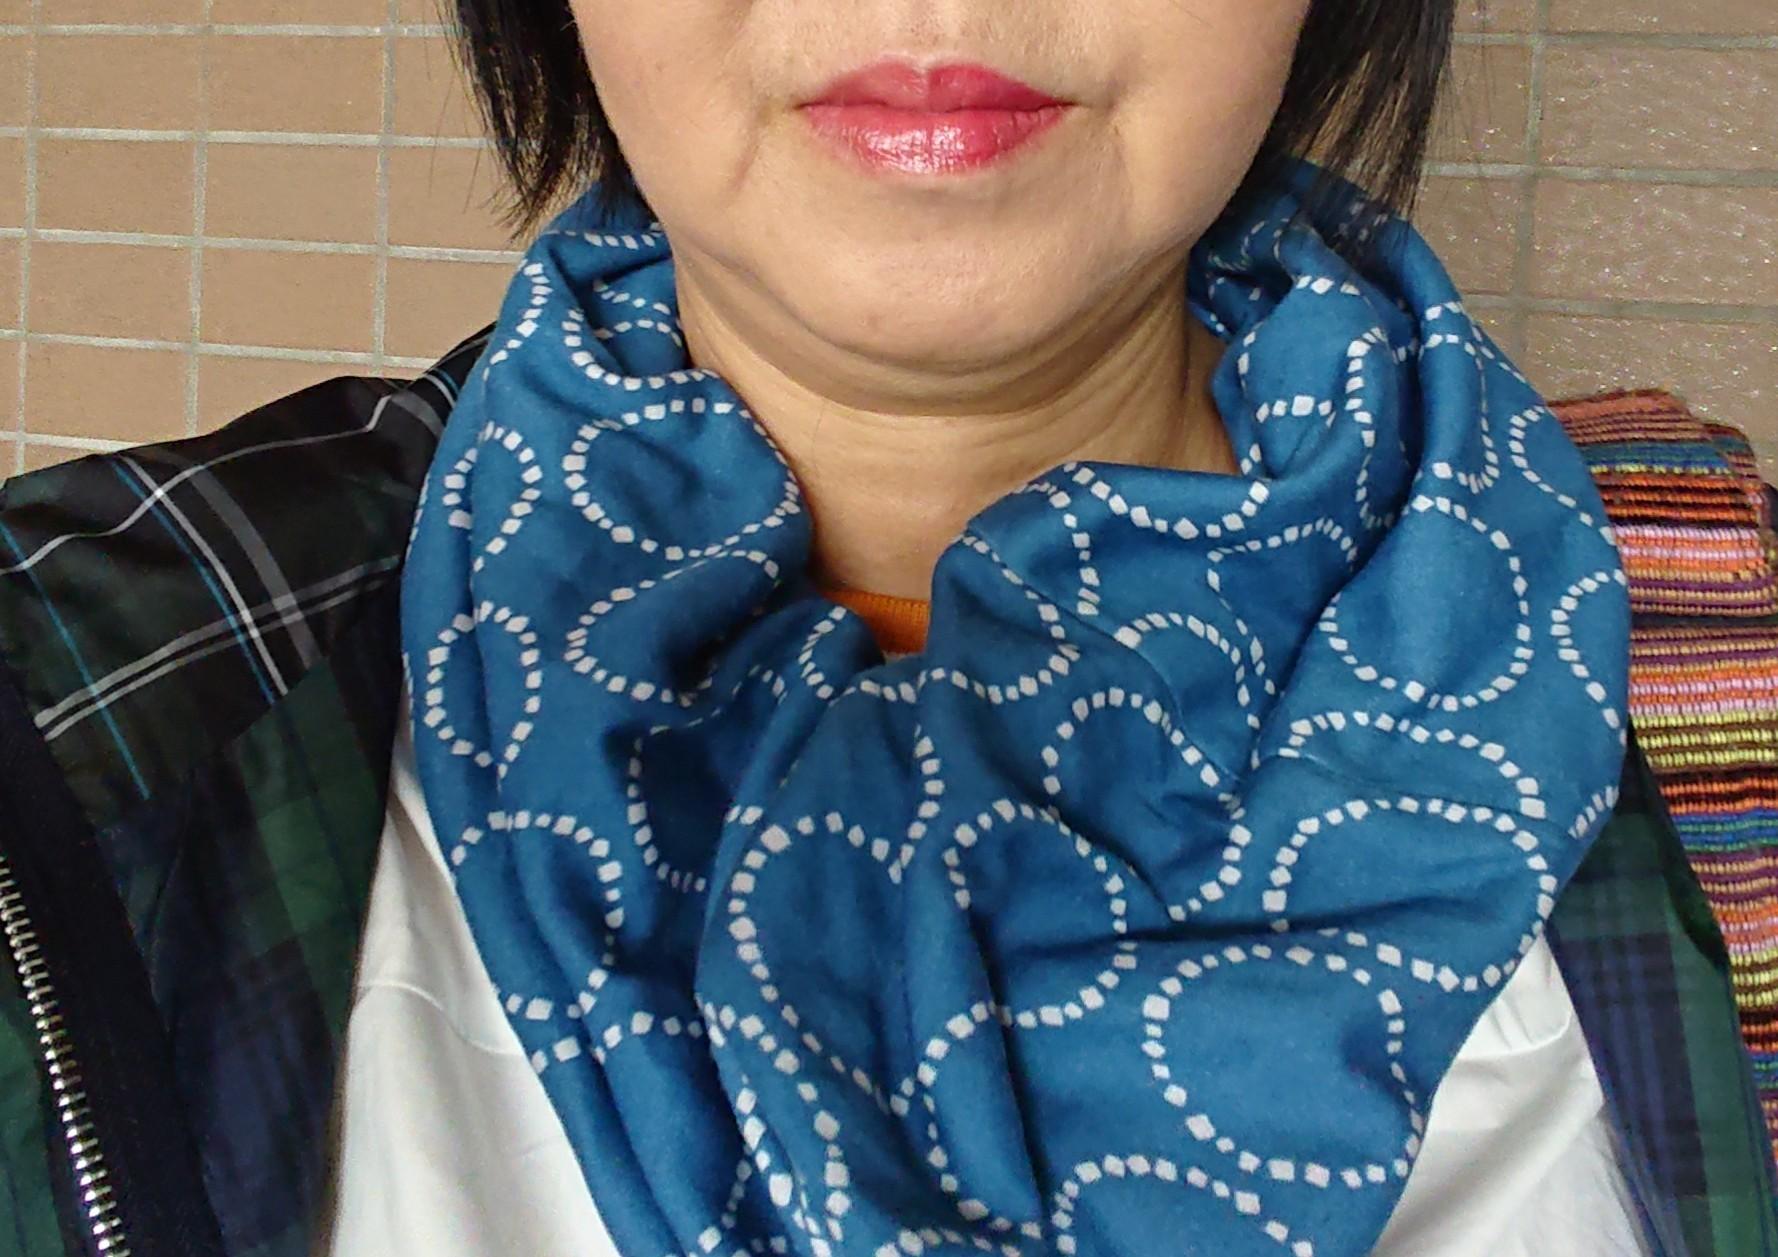 f0329602_20094854.jpg